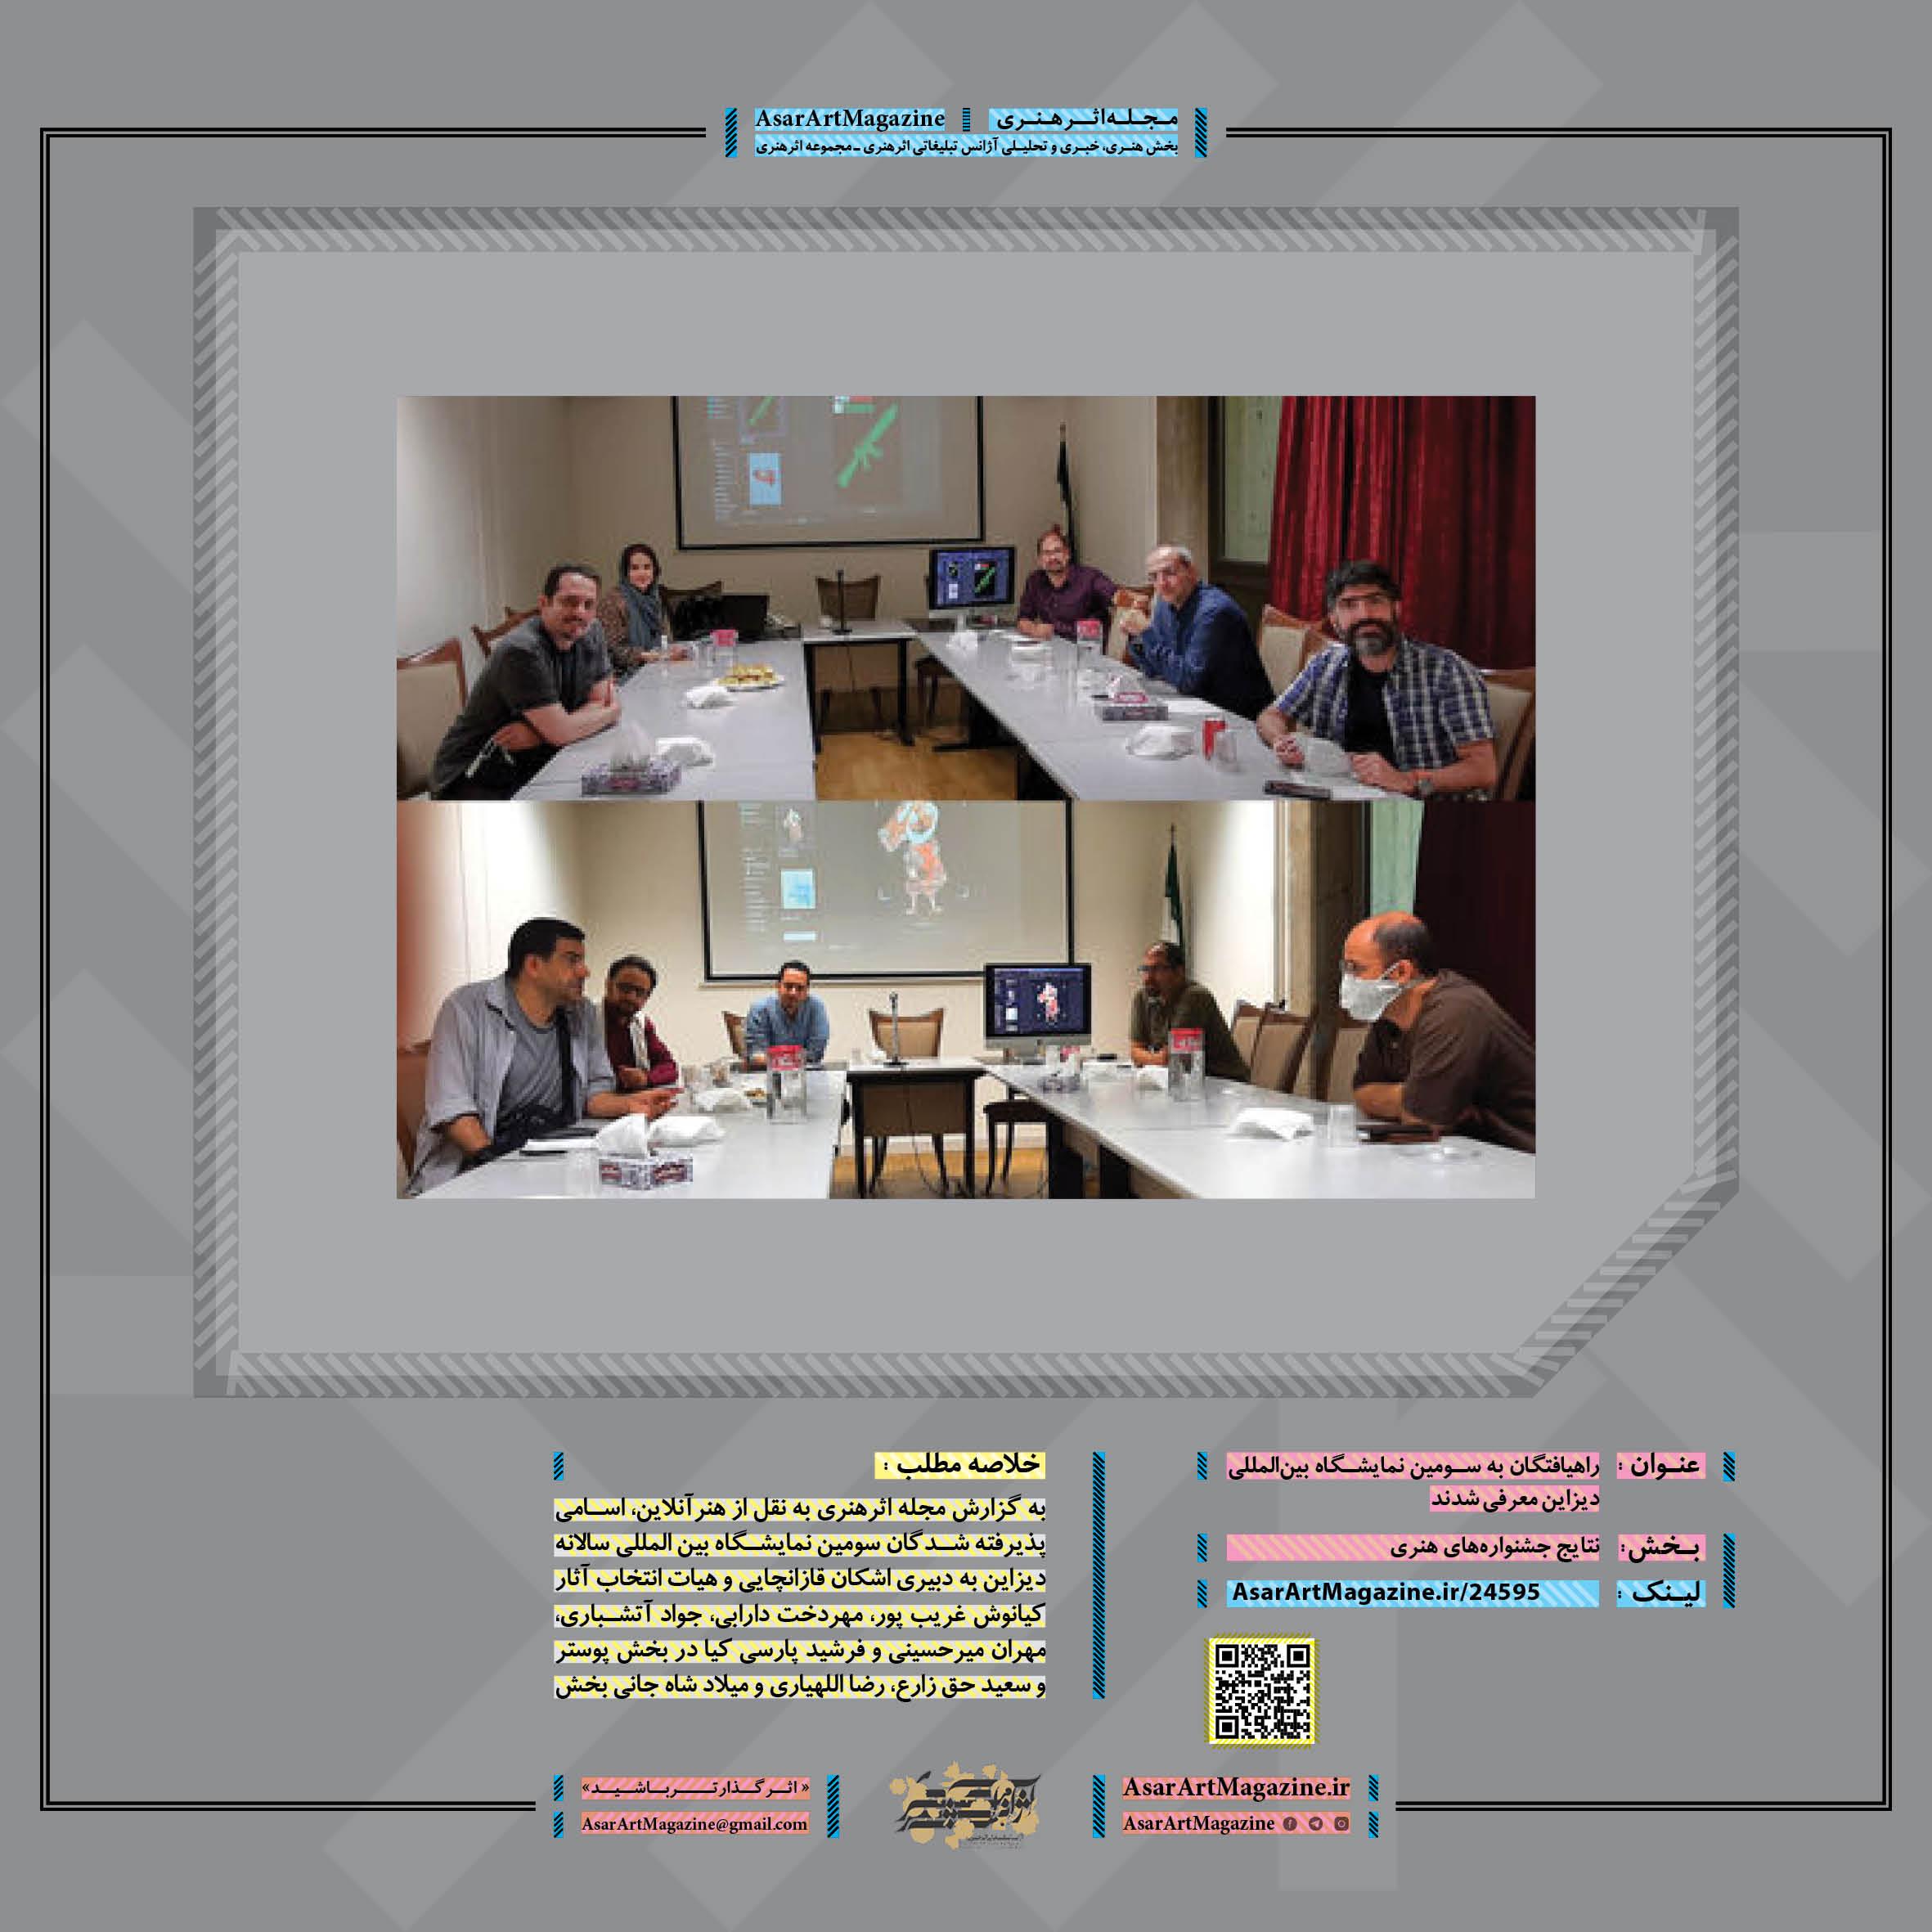 راهیافتگان به سومین نمایشگاه بینالمللی دیزاین معرفی شدند لینک : https://asarartmagazine.ir/?p=24595👇 سایت : AsarArtMagazine.ir اینستاگرام : instagram.com/AsarArtMagazine تلگرام :  t.me/AsarArtMagazine 👆